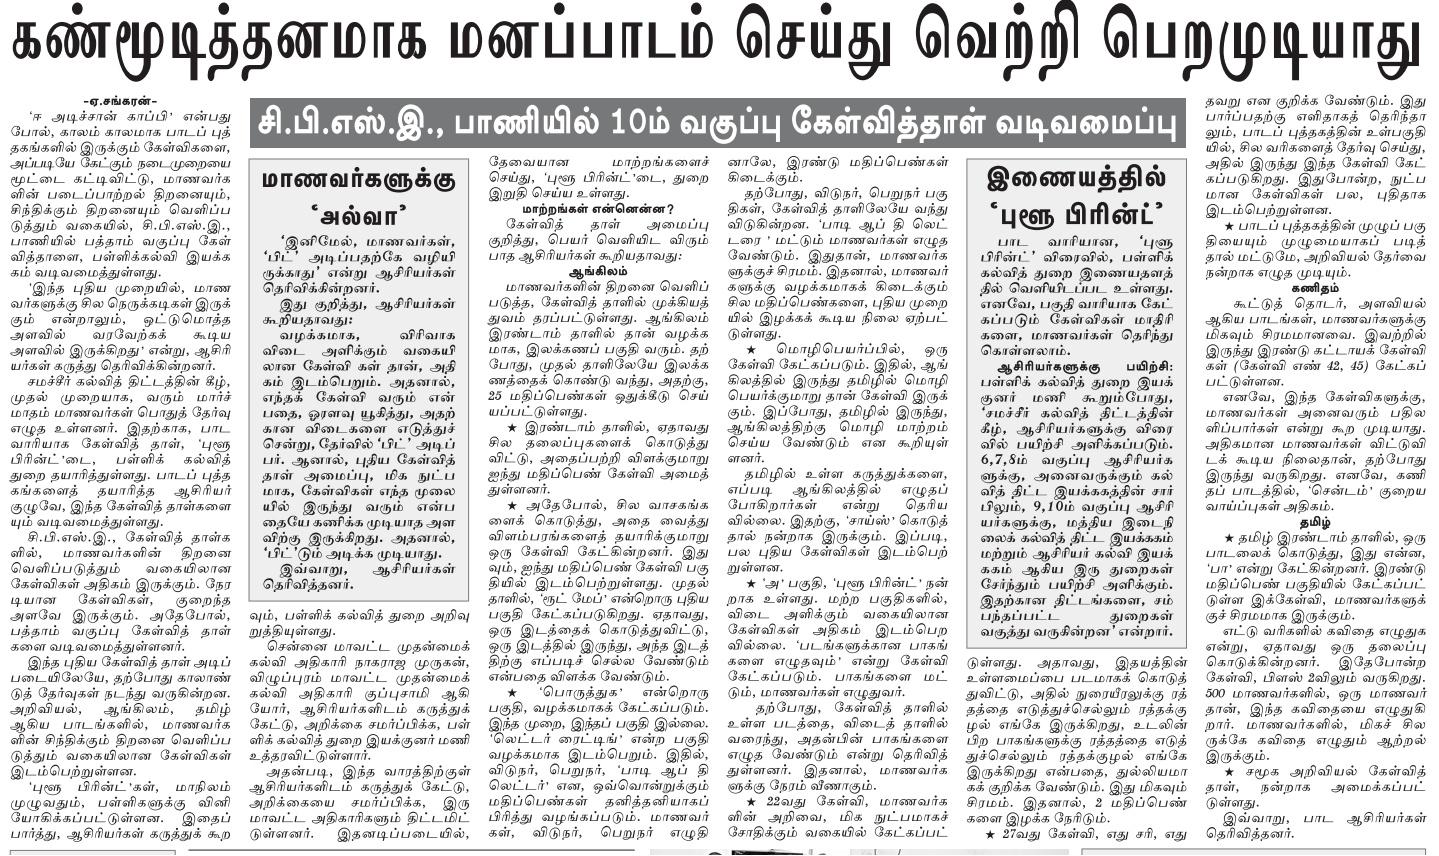 samacheer kalvi 9th tamil book guide pdf free download